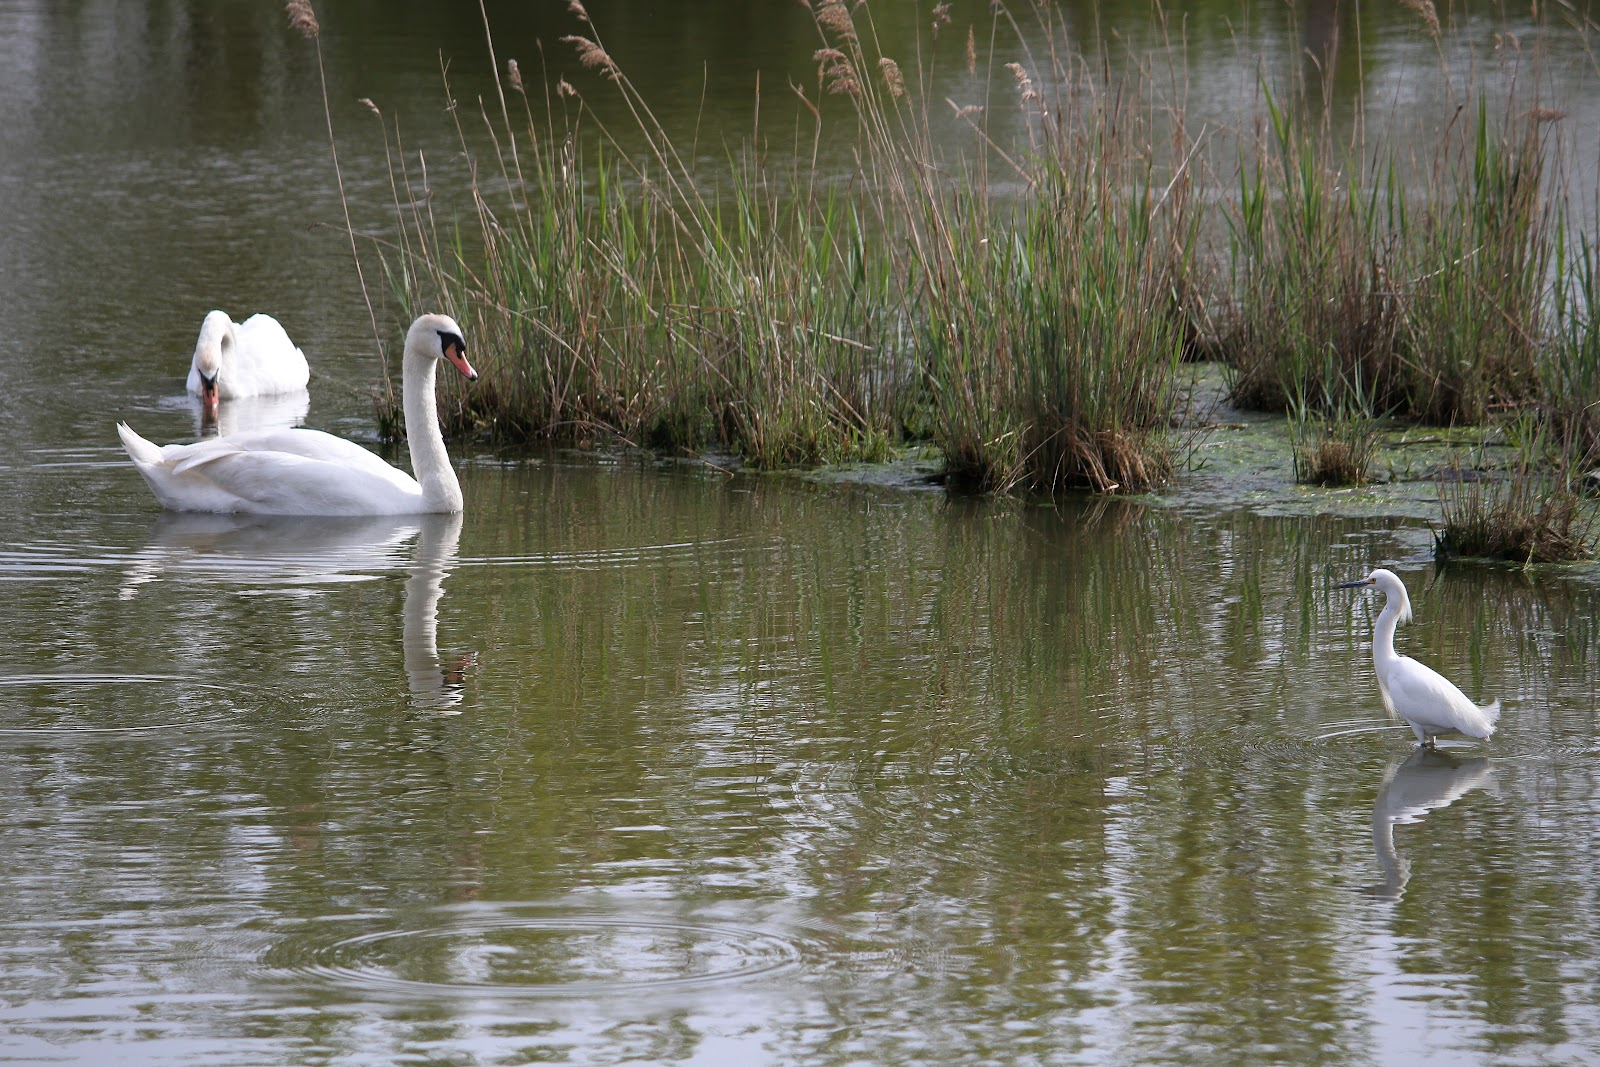 Image result for dekorte park swan